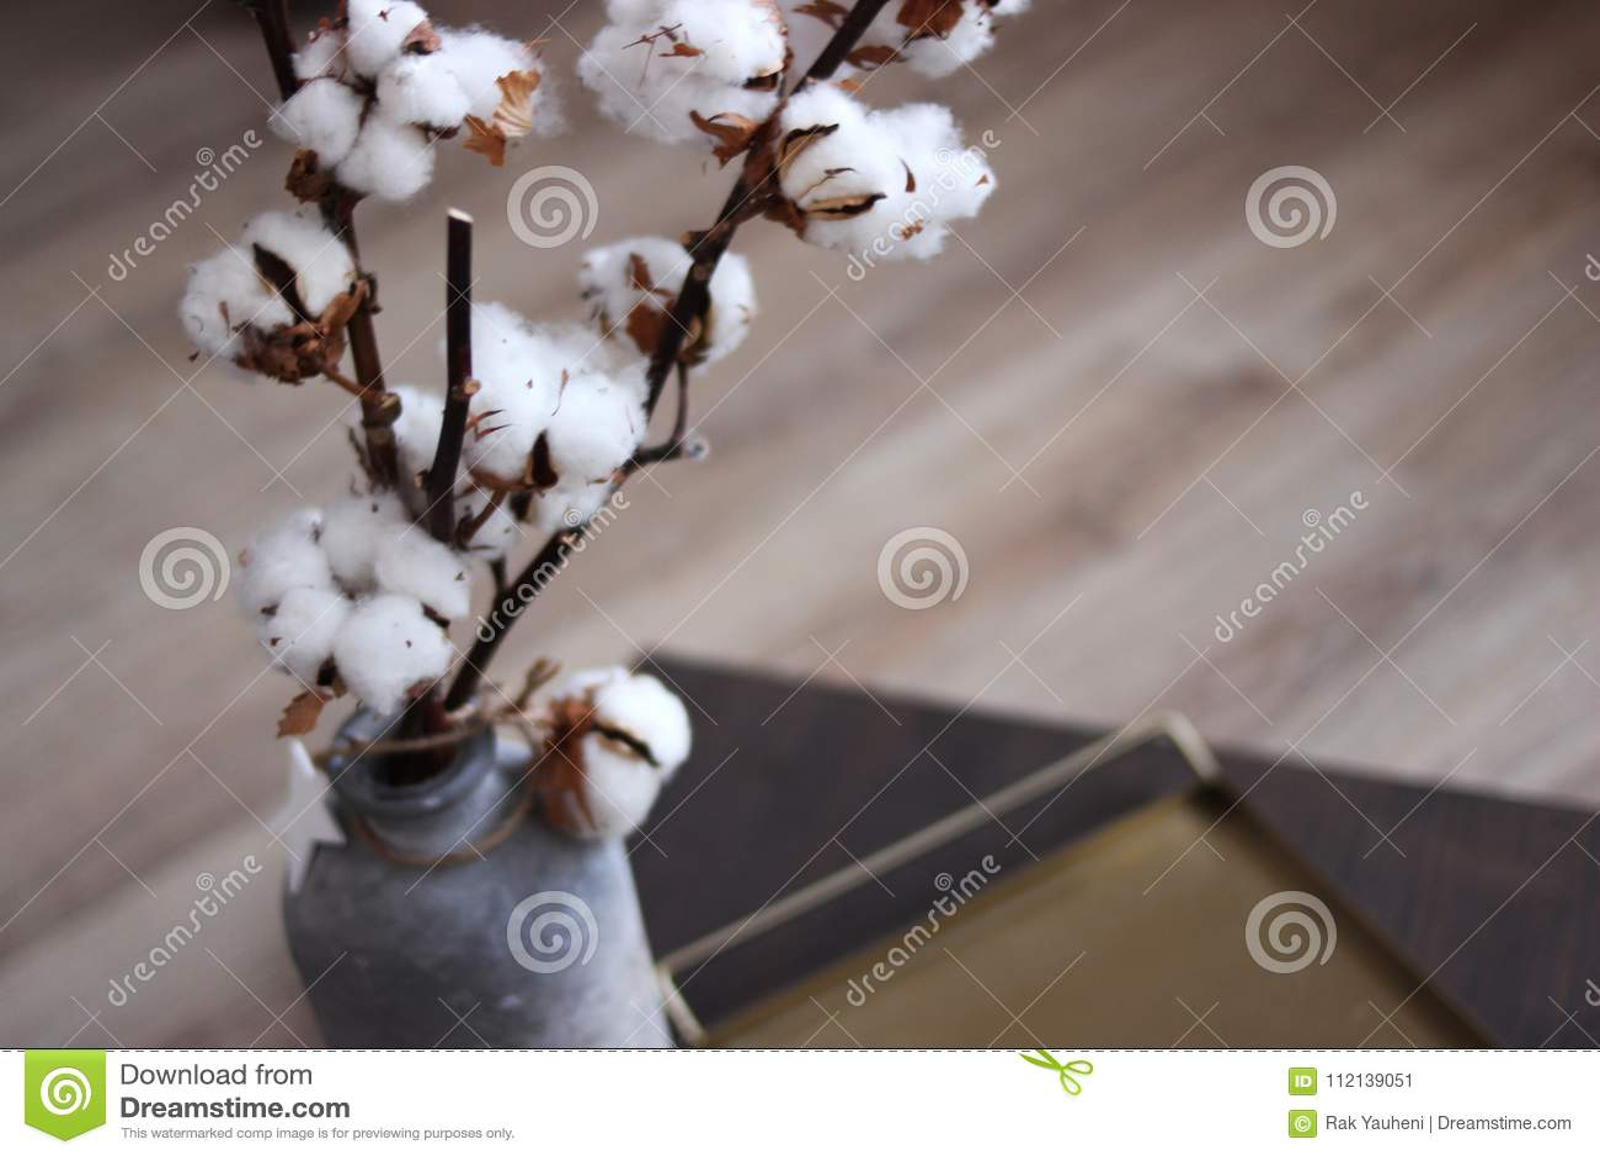 Branche Fleur De Coton fin de fleur de coton dans le vase une branche de coton dans